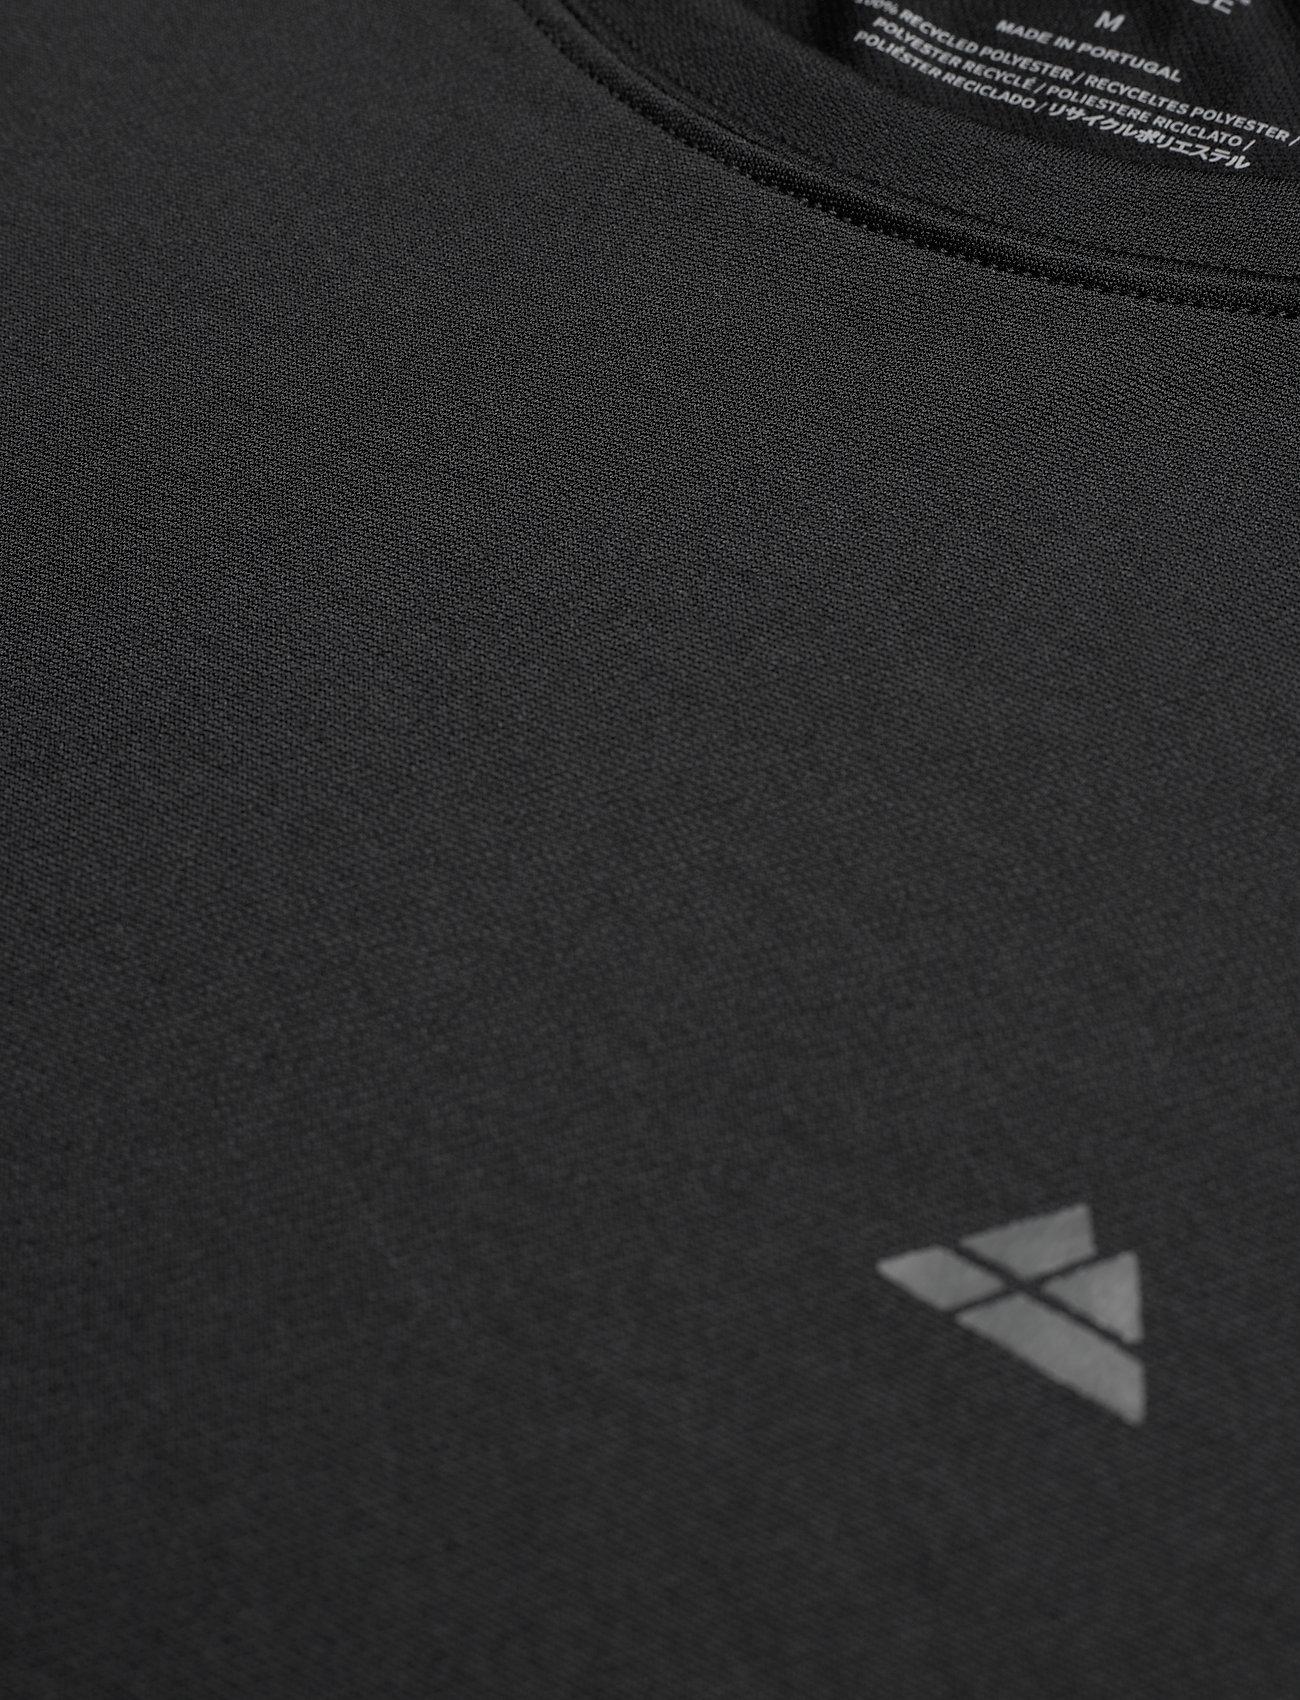 Danish Endurance Male Sport T-Shirt 1 Pack - T-skjorter BLACK - Menn Klær